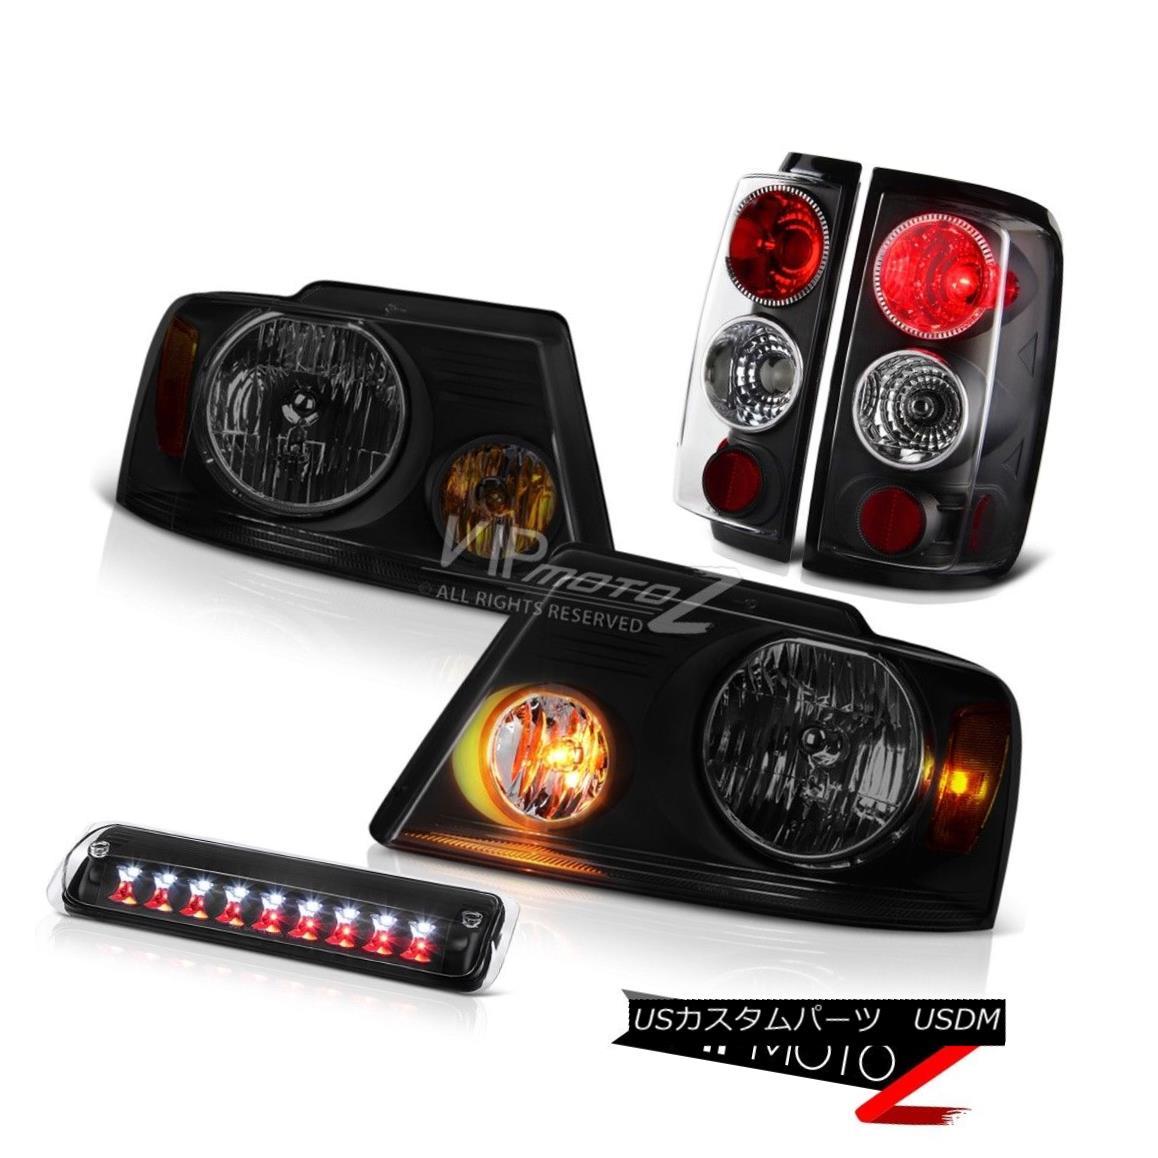 テールライト 04-08 Ford F150 XL Headlights Matte Black Third Brake Light Tail Lamps Assembly 04-08 Ford F150 XLヘッドライトマットブラック第3ブレーキライトテールランプ